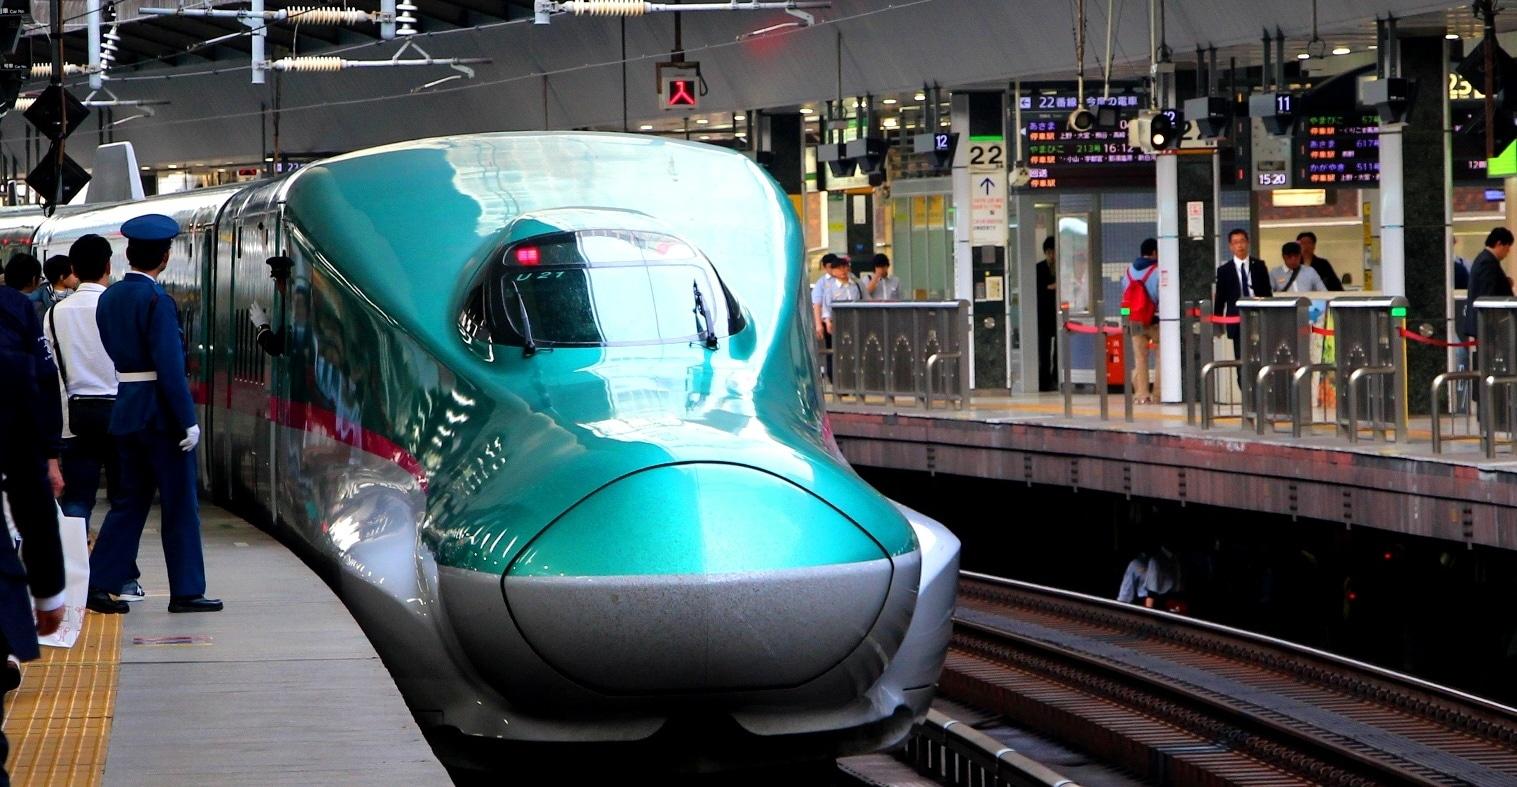 japon shinkasen hokuriku train